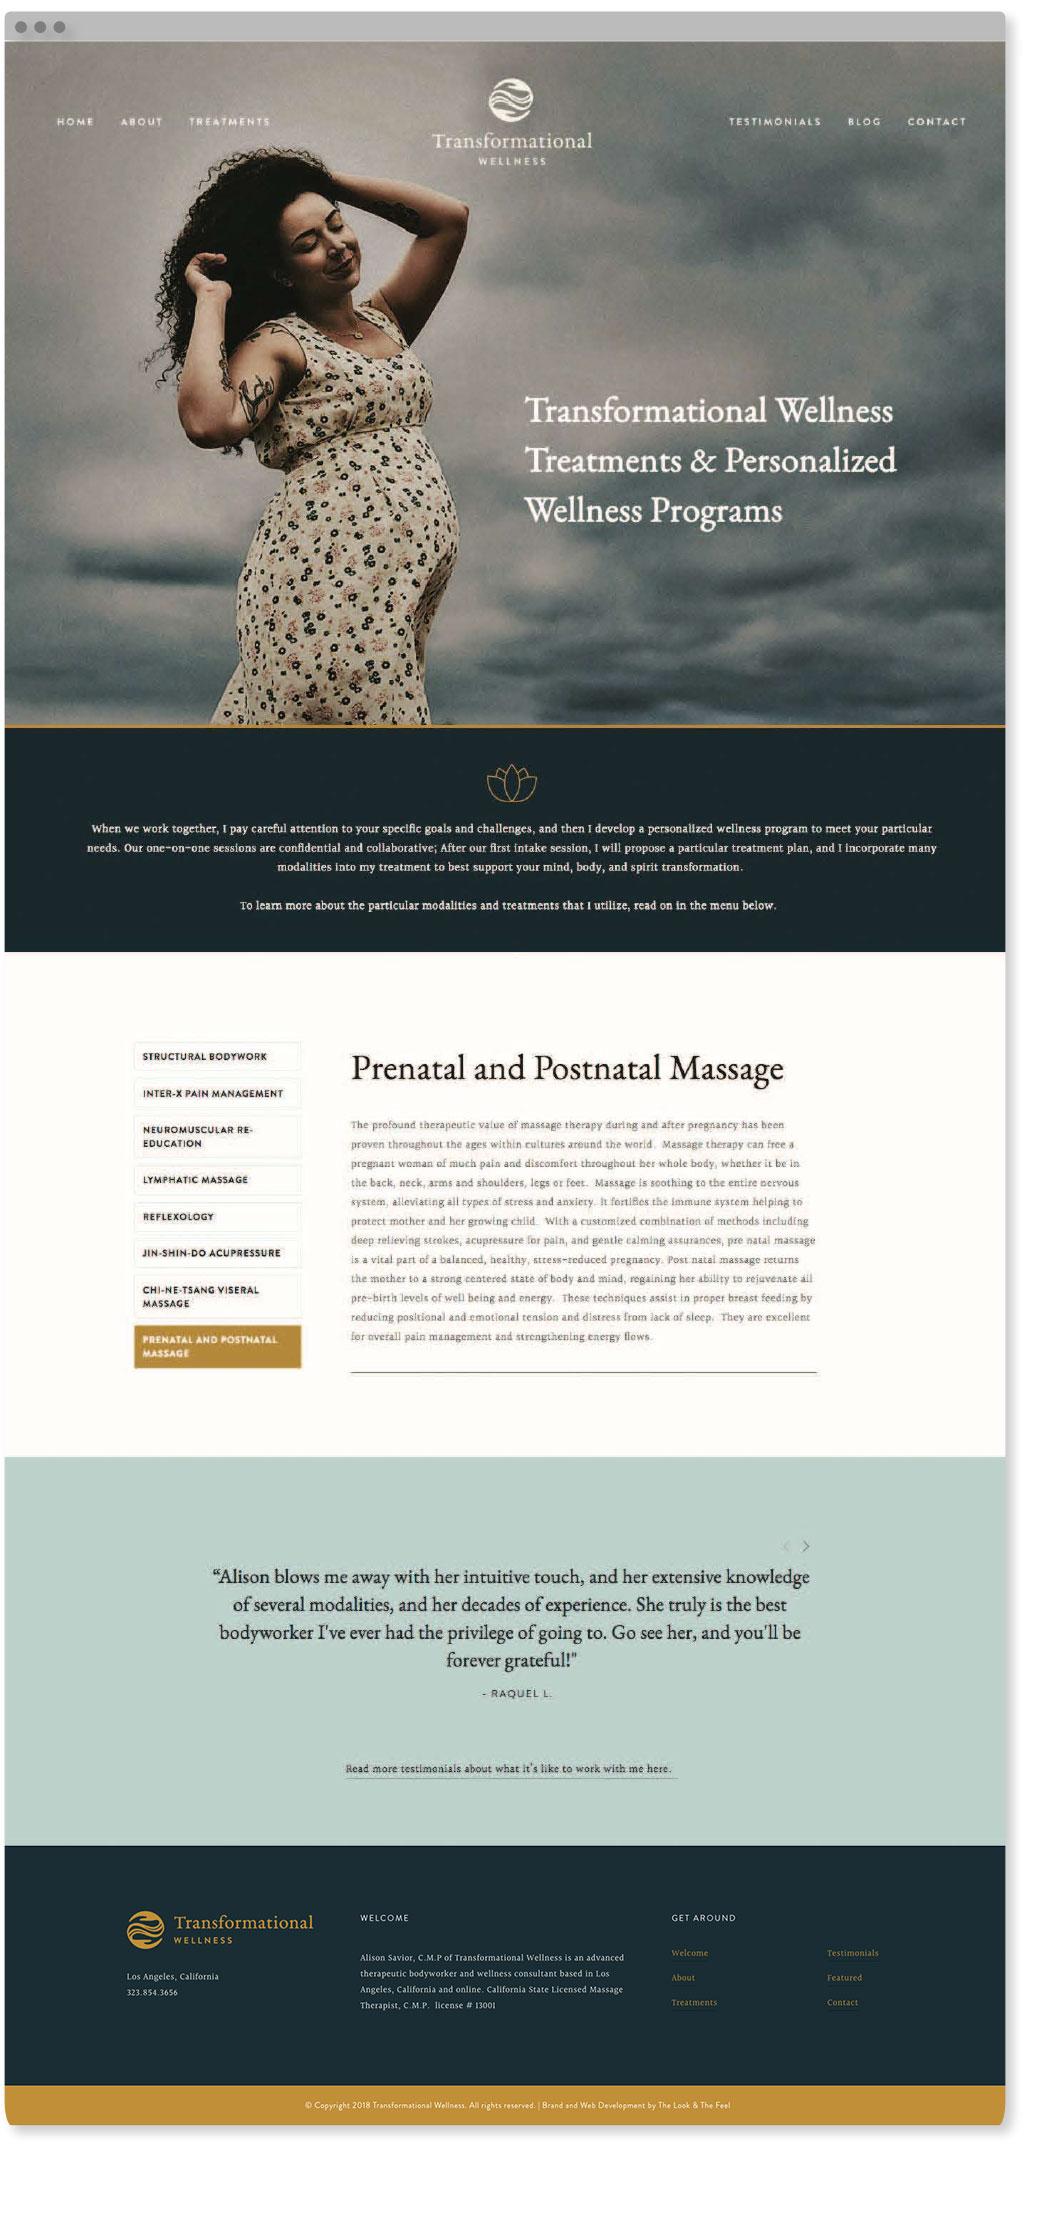 transformational-wellness-website-1.jpg